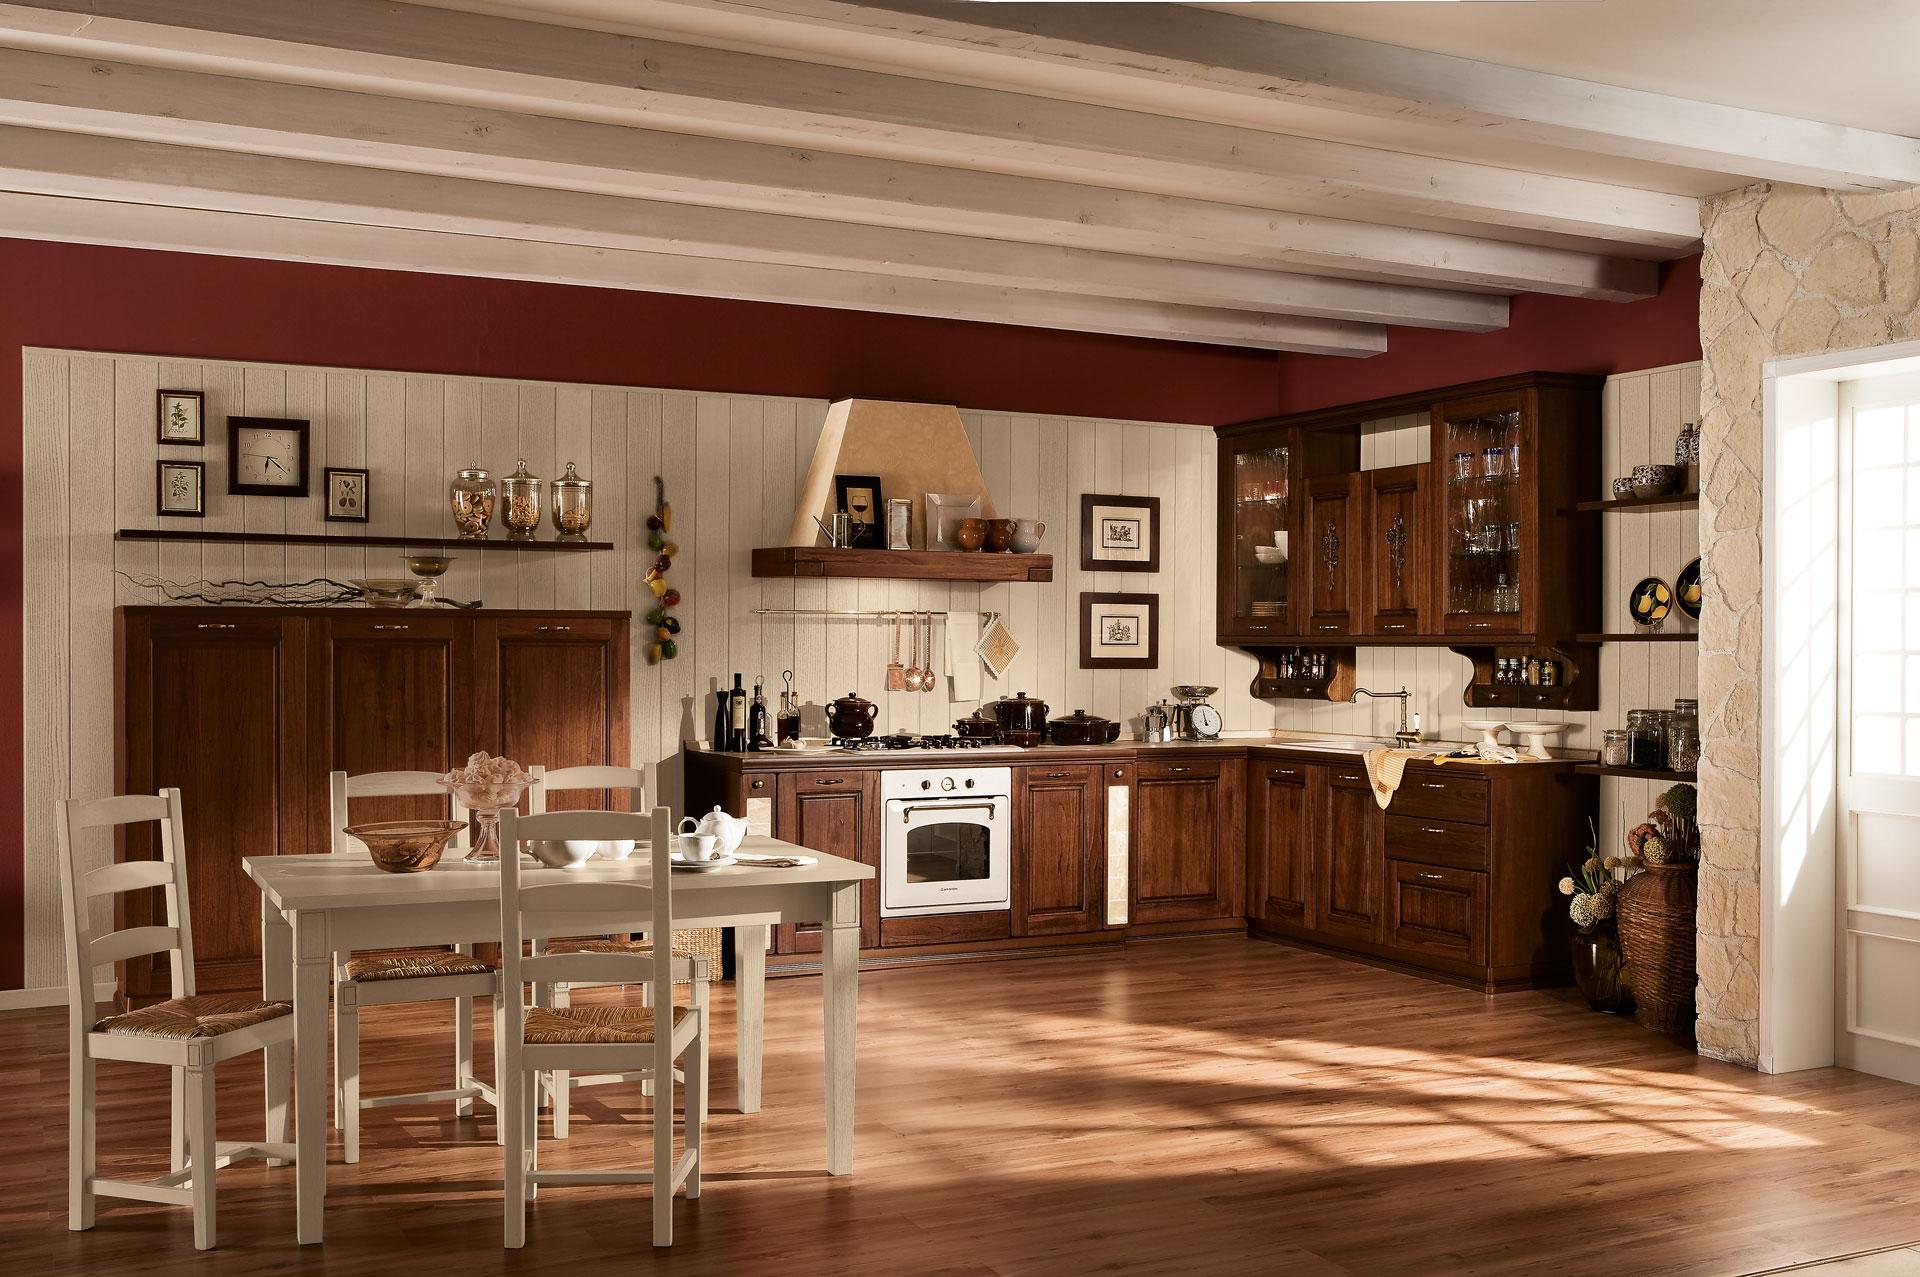 Amore Per La Tradizione E Cucine Classiche #361008 1317 833 Foto Di Cucine In Stile Provenzale